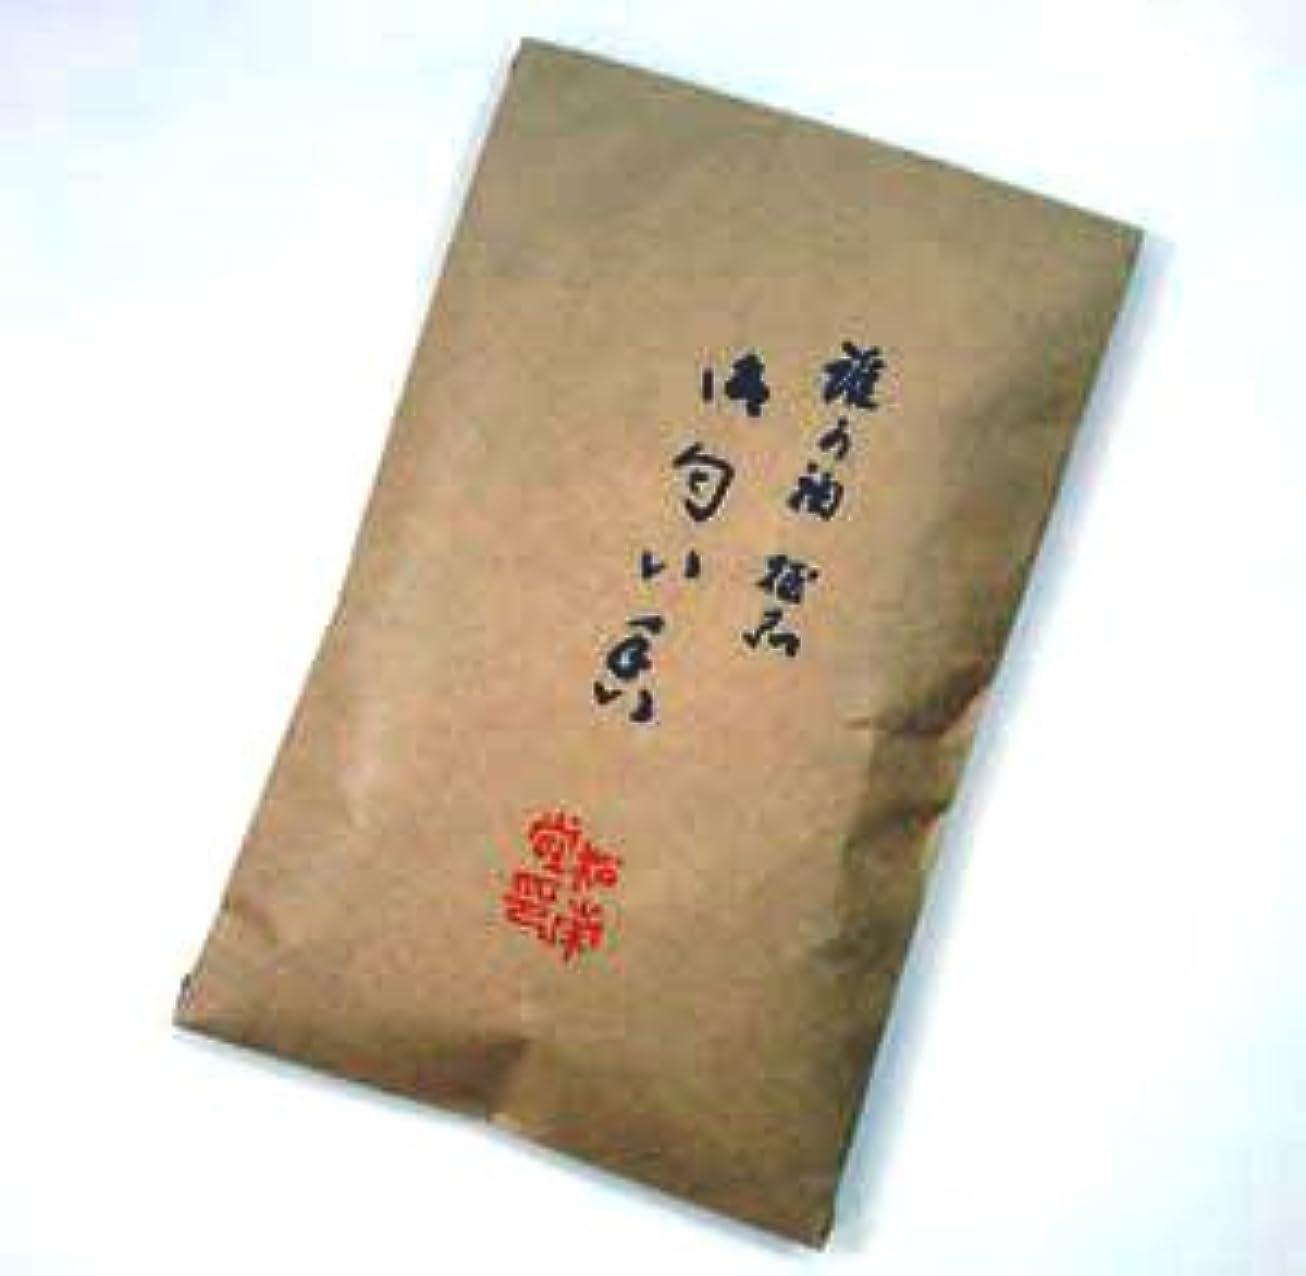 意識的太い適用済み匂い袋用のお香(詰替え用) 「匂い香【極品】」